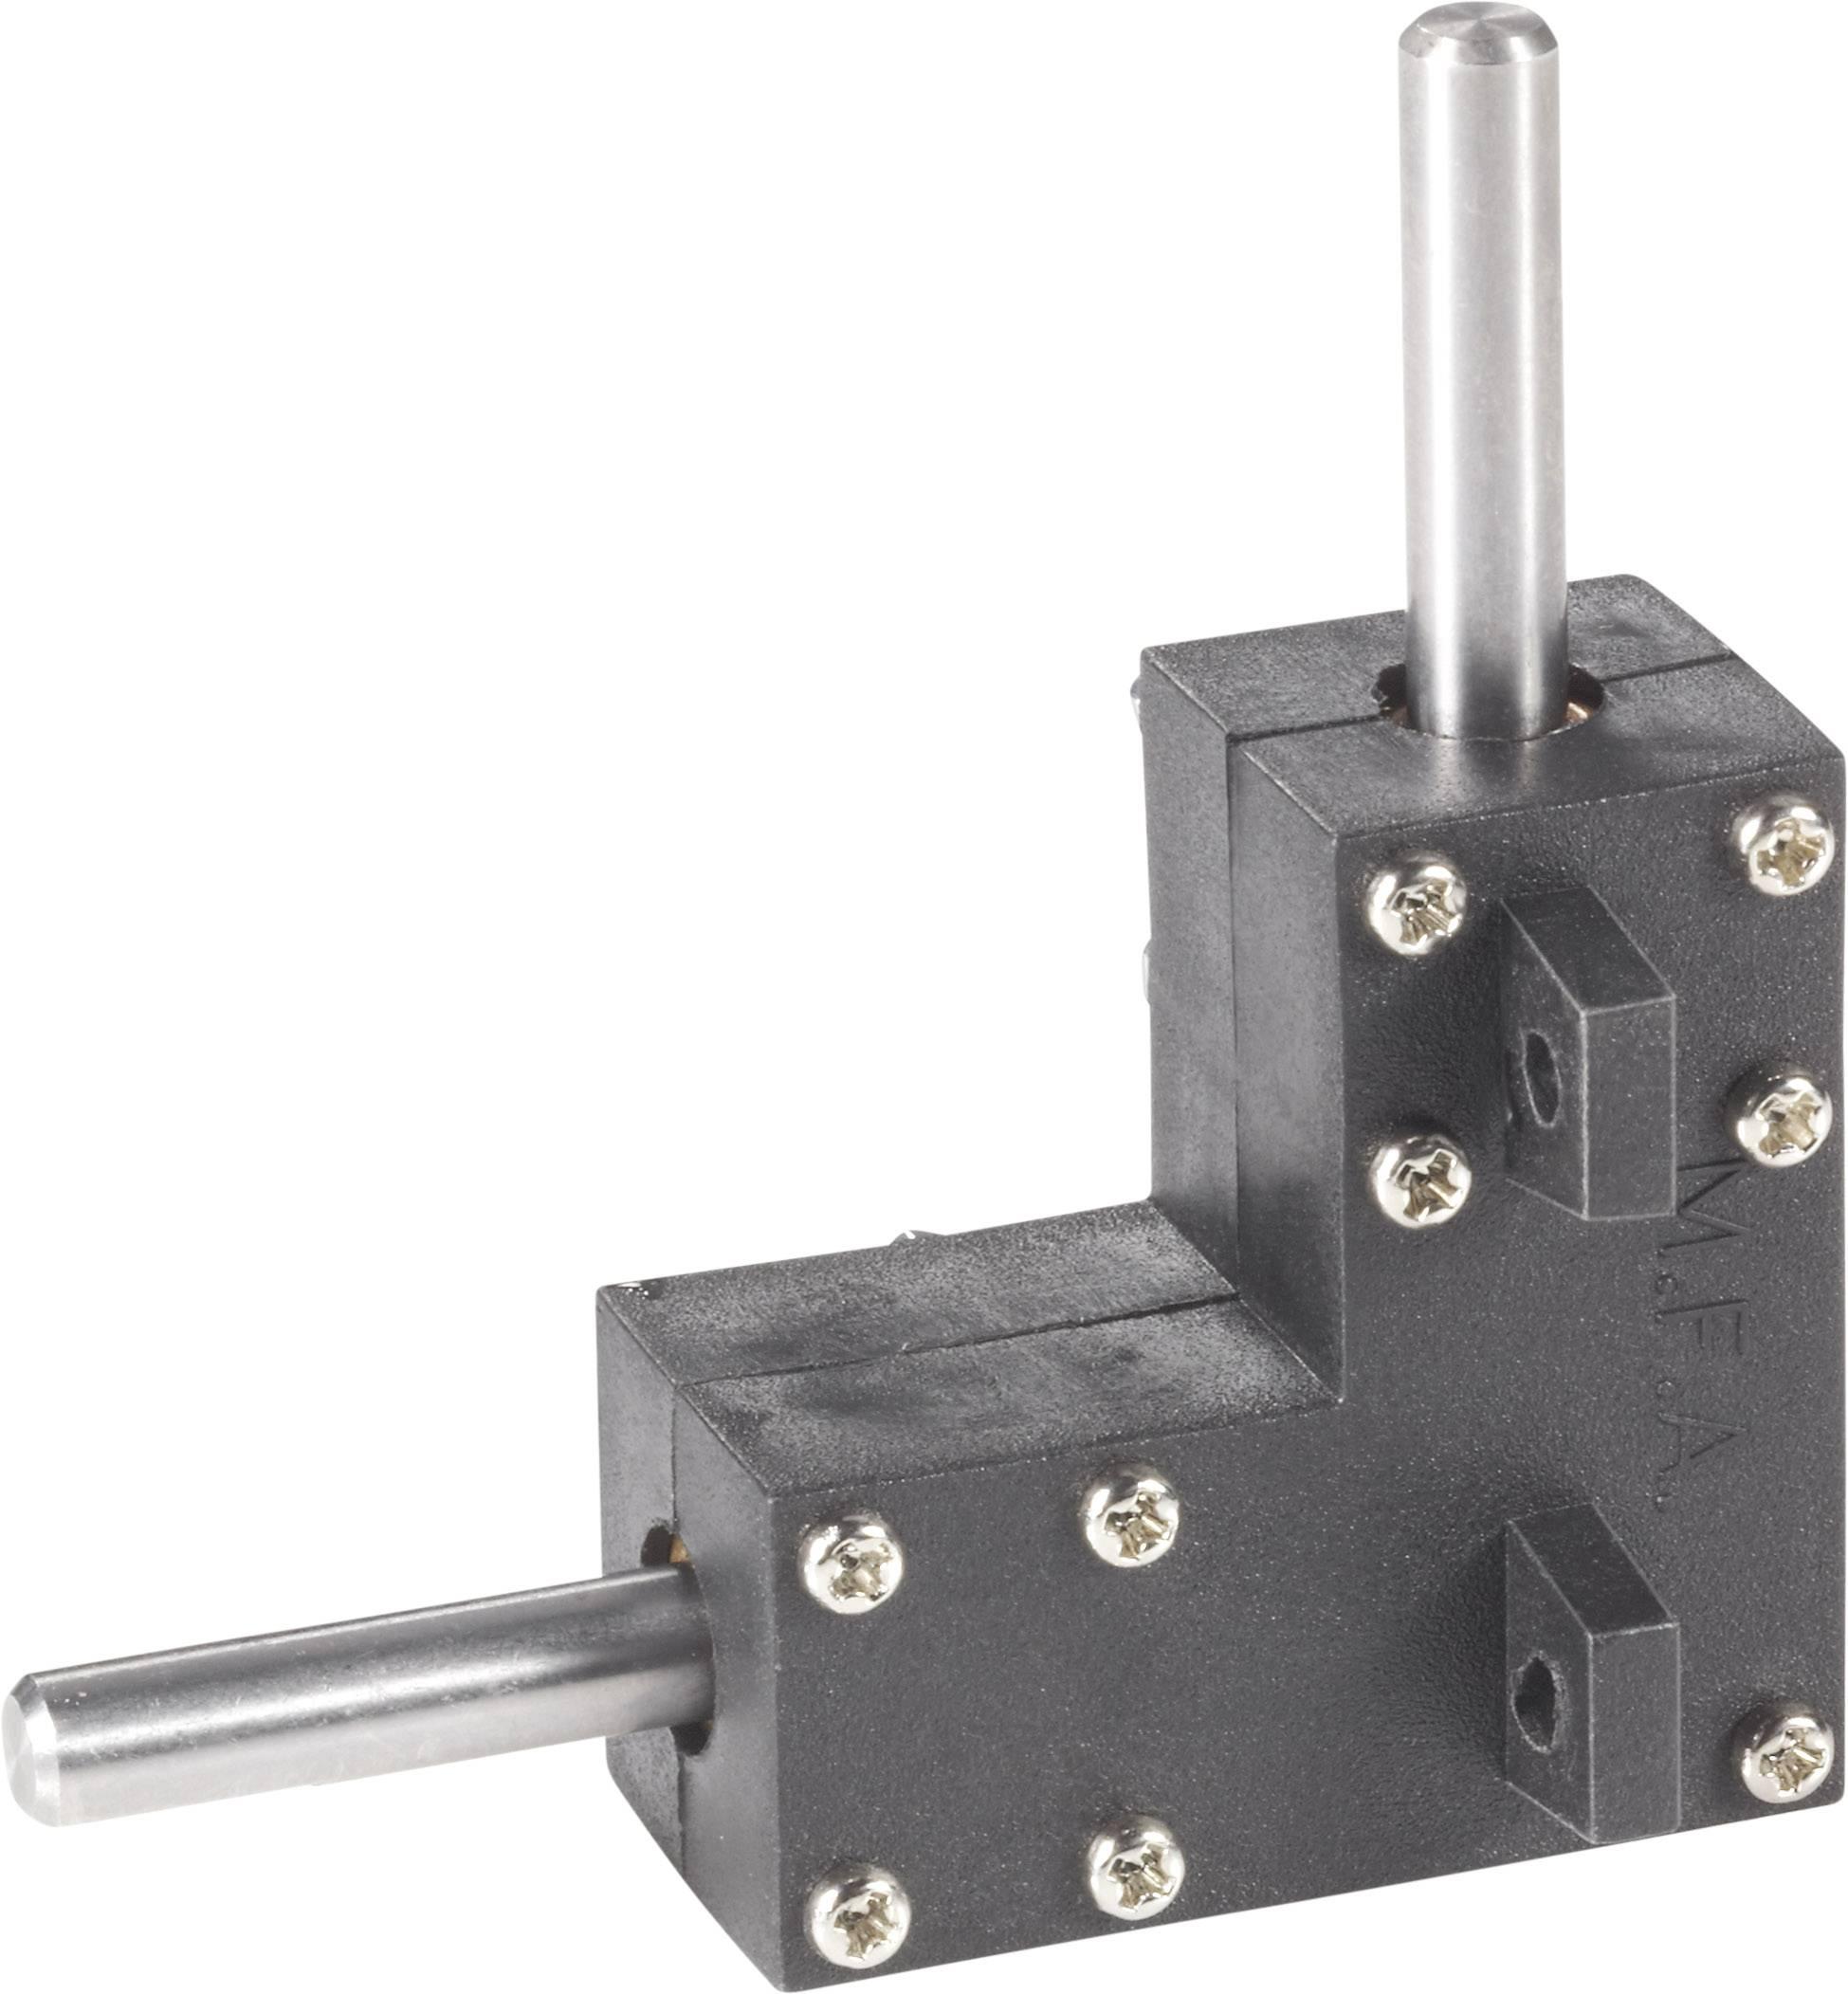 Úhlová převodovka Modelcraft,/O 5 mm, 1:1